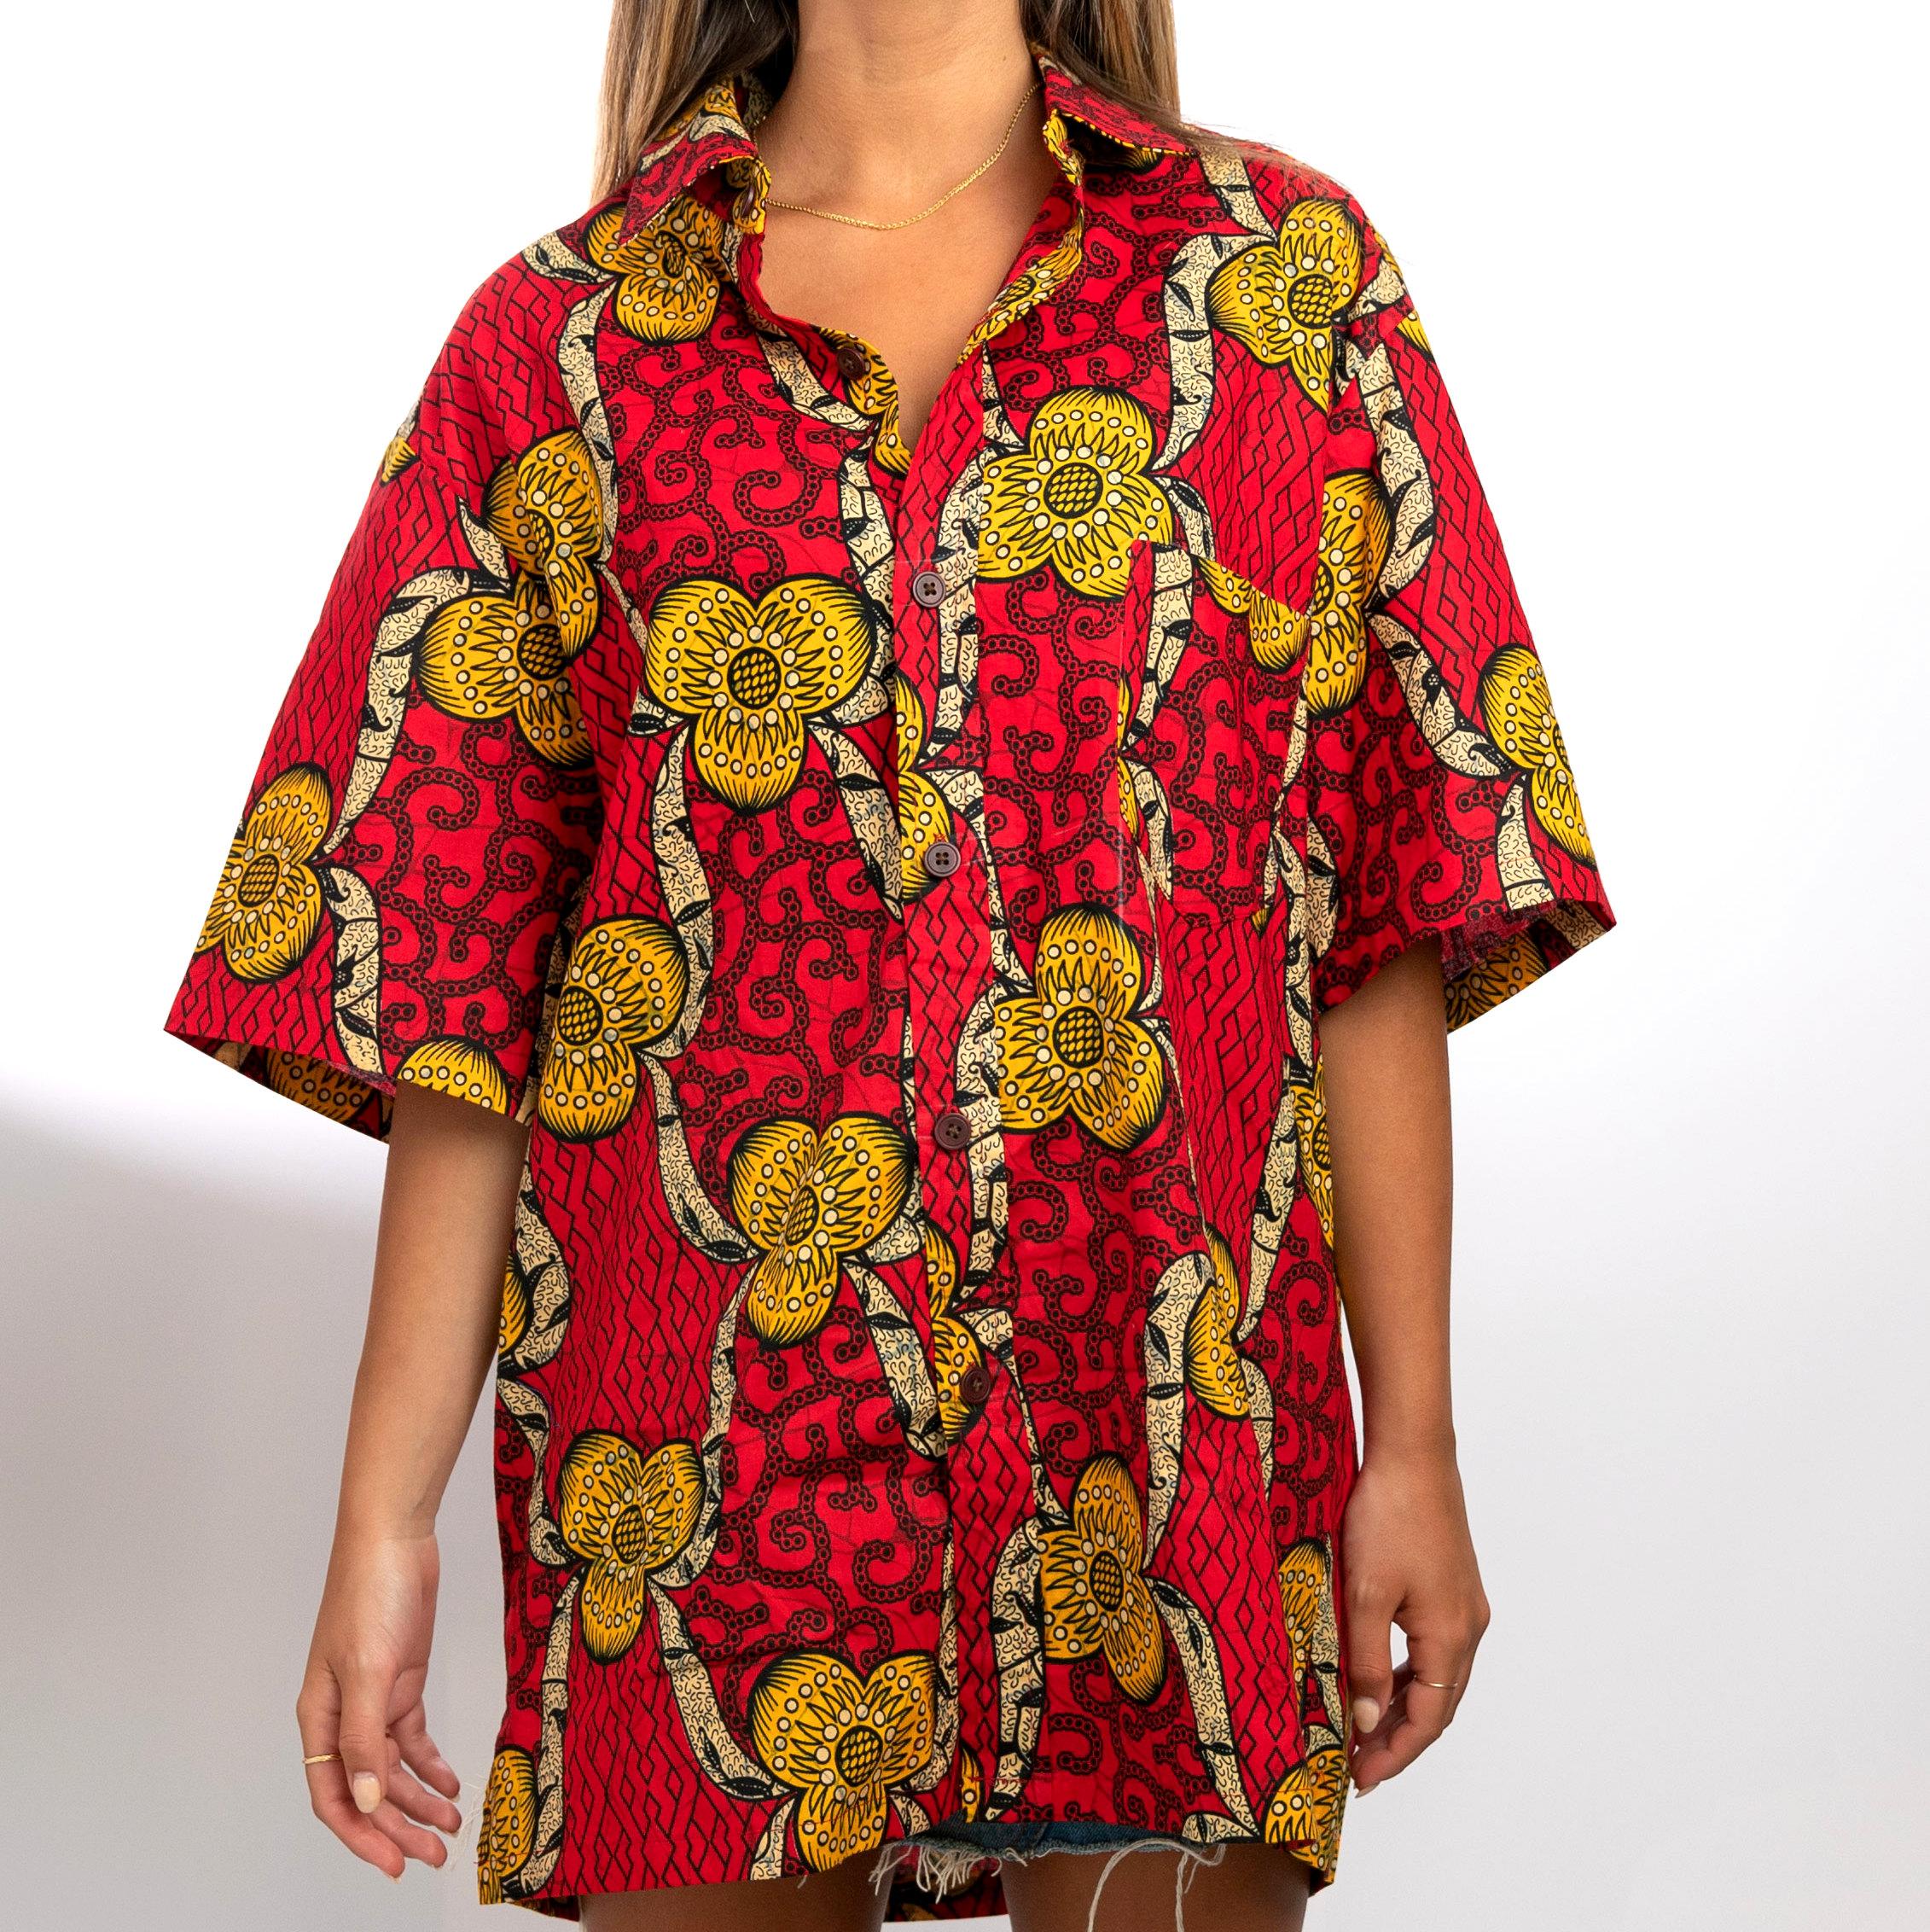 Camisa Marimba roja